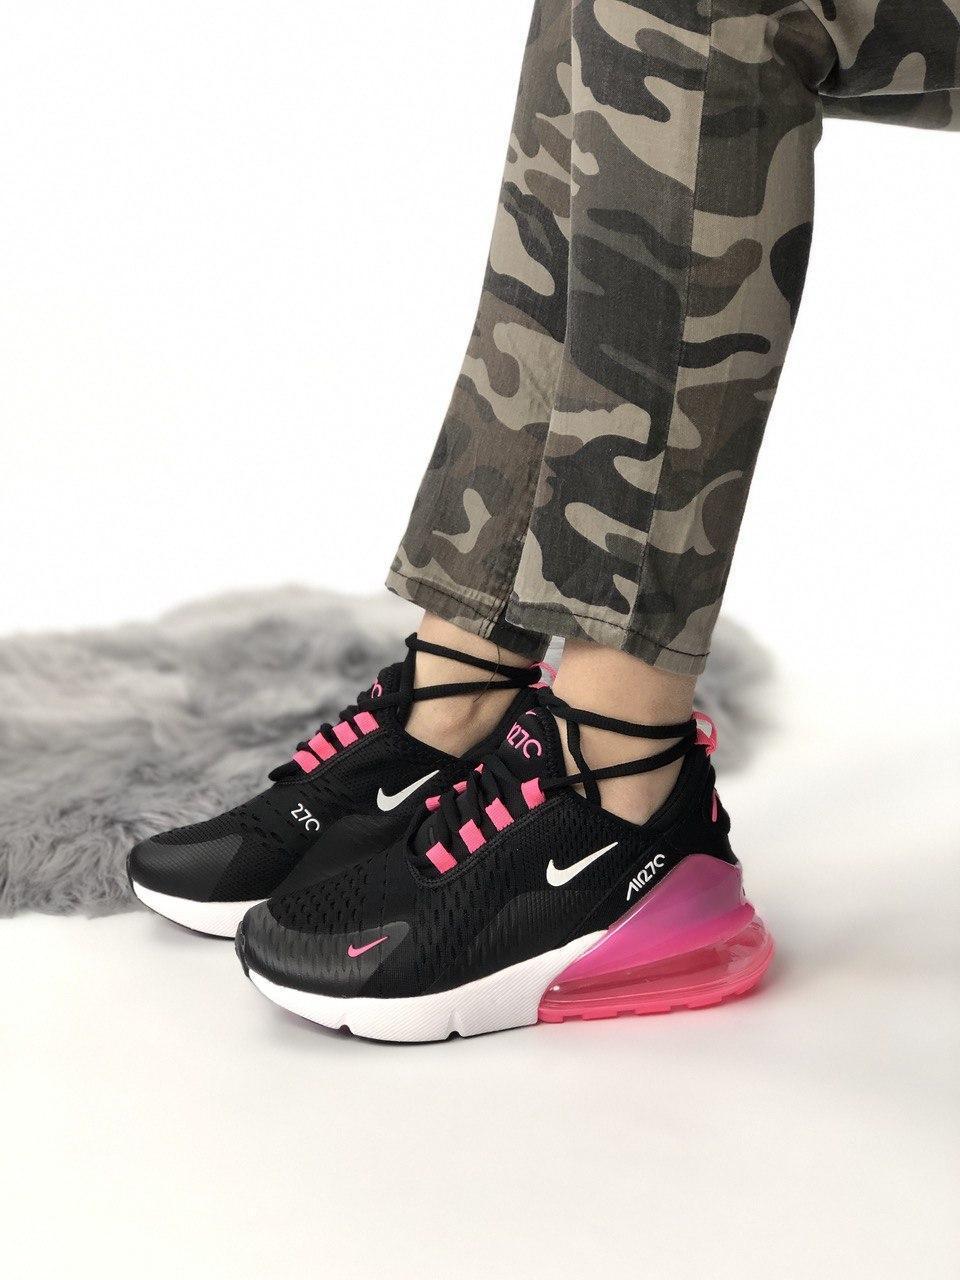 e719bae5 Женские стильные кроссовки Nike Air Max 270 (два цвета): продажа ...